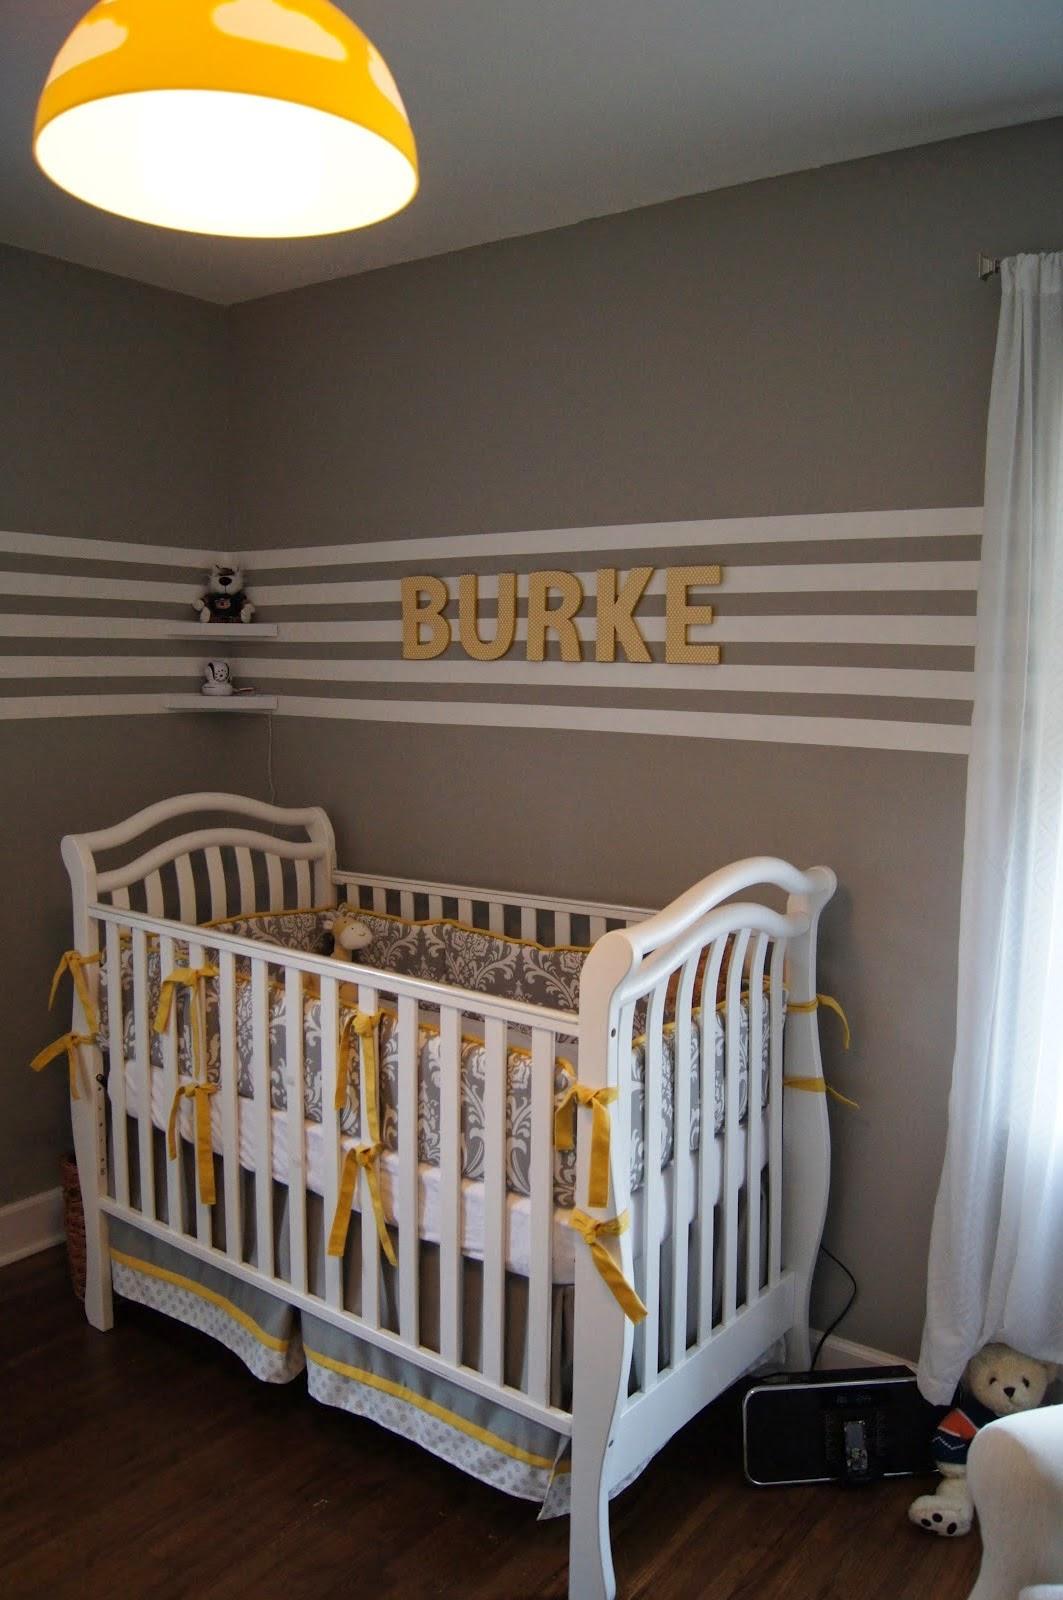 Decoraci n de dormitorios para beb s en amarillo gris for Decoracion dormitorio gris